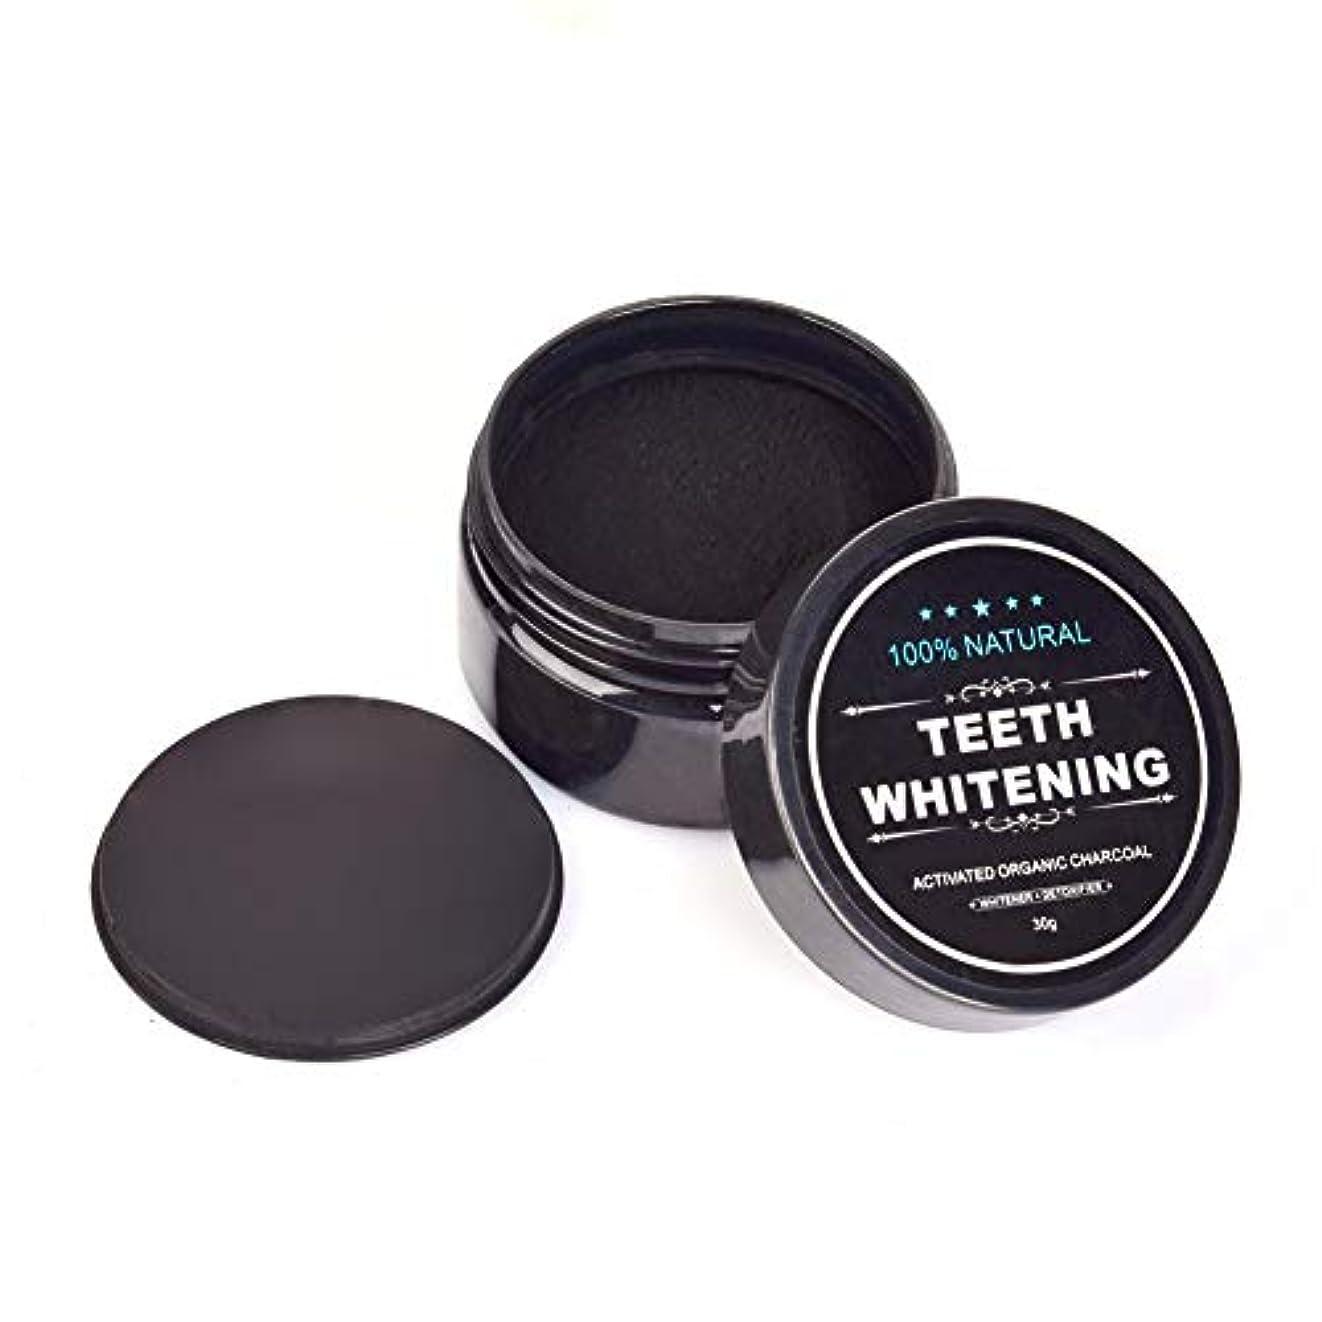 重要なフロント研究SILUN チャコールホワイトニング 歯 ホワイトニング チャコール型 マイクロパウダー 歯 ホワイトニング 食べれる活性炭 竹炭 歯を白くする歯磨き粉 活性炭パウダー